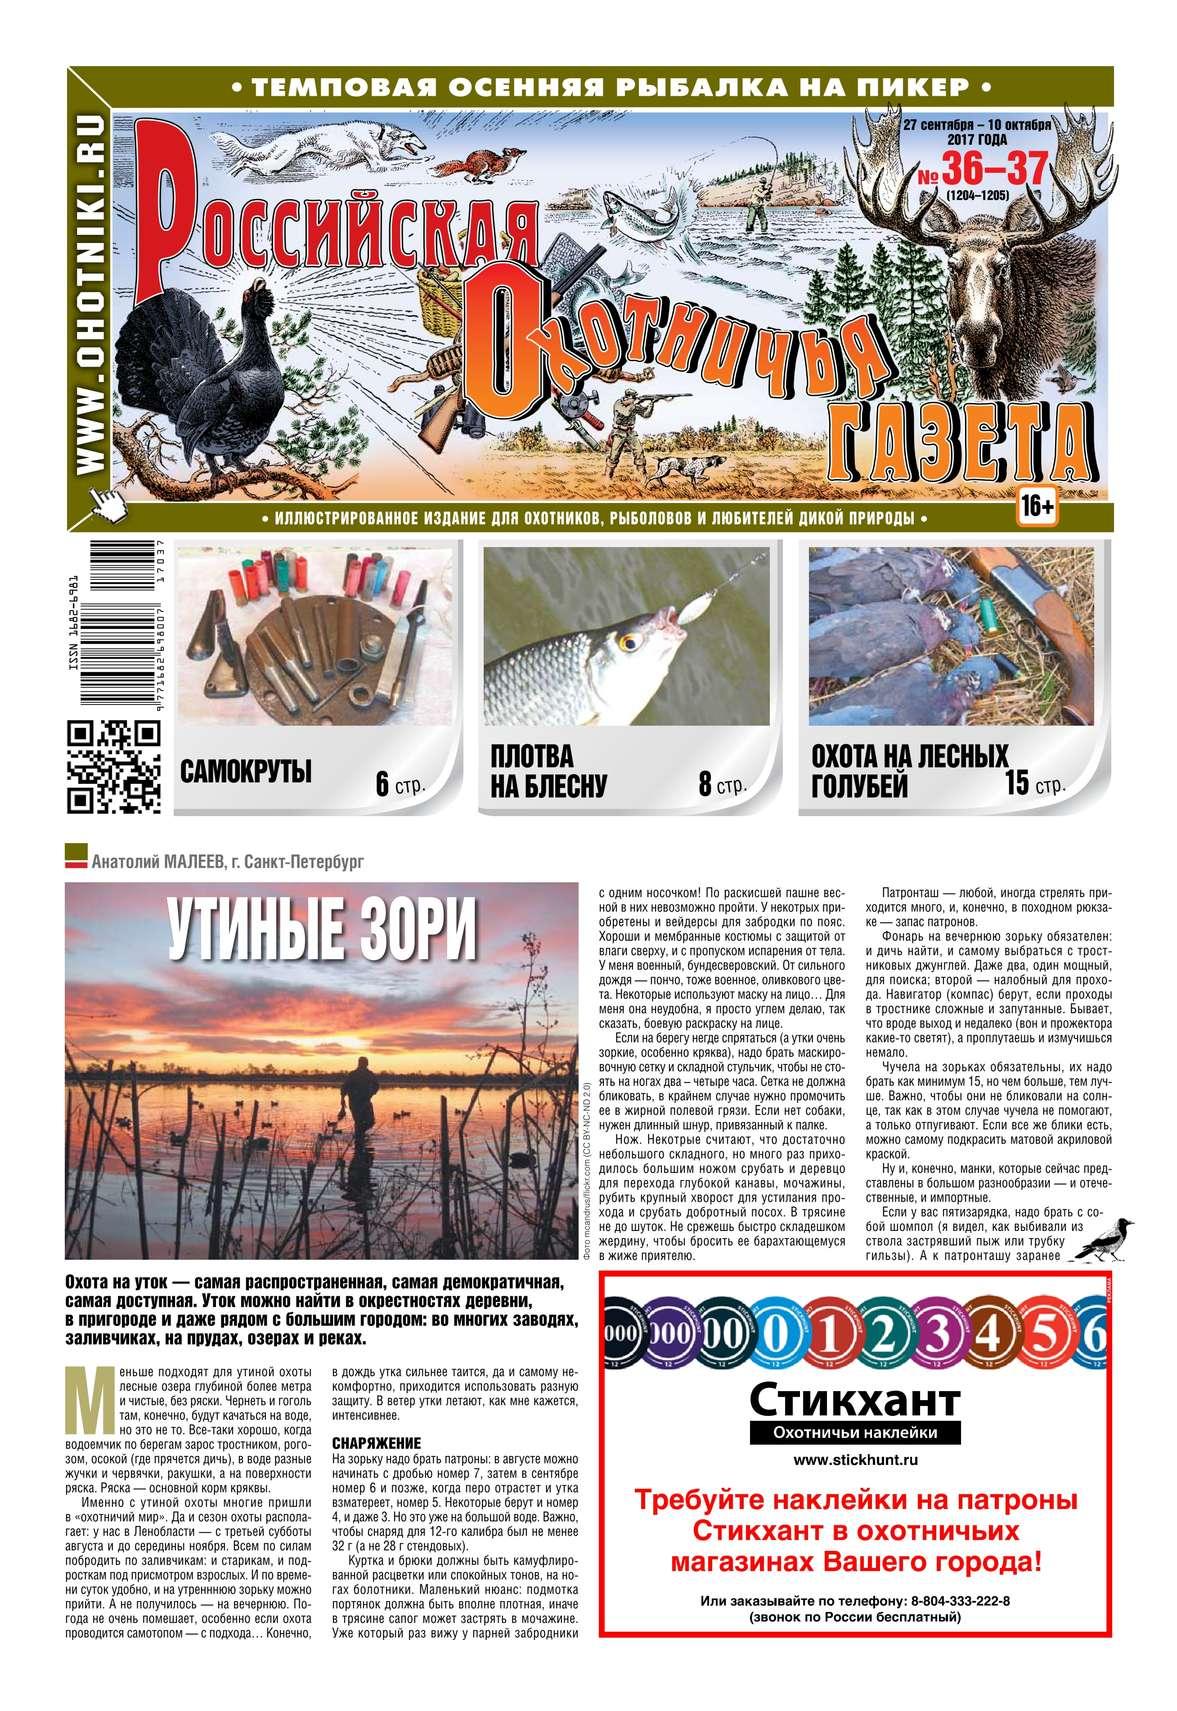 Редакция газеты Российская Охотничья Газета Российская Охотничья Газета 36-27-2017 цены